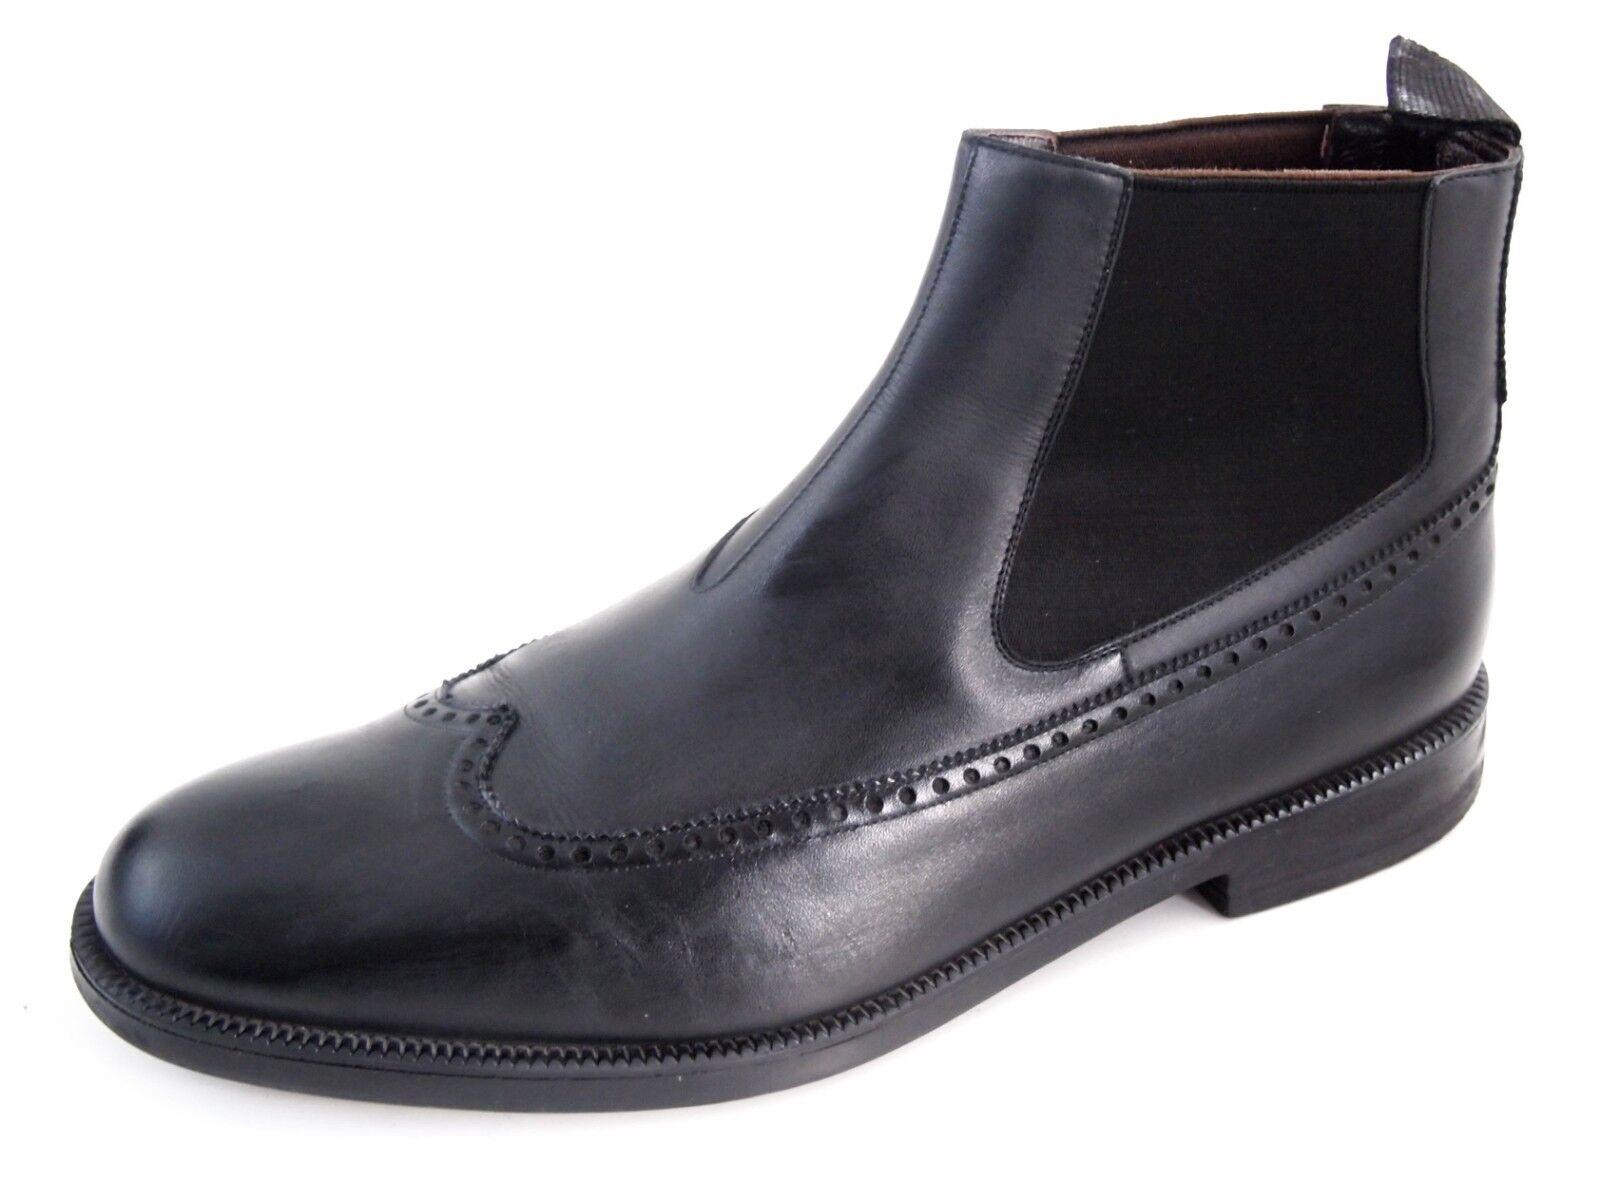 A.Testoni Chelsea-Stiefeletten, schwarzes Leder, Herrengröße UK 9.5 EU  750